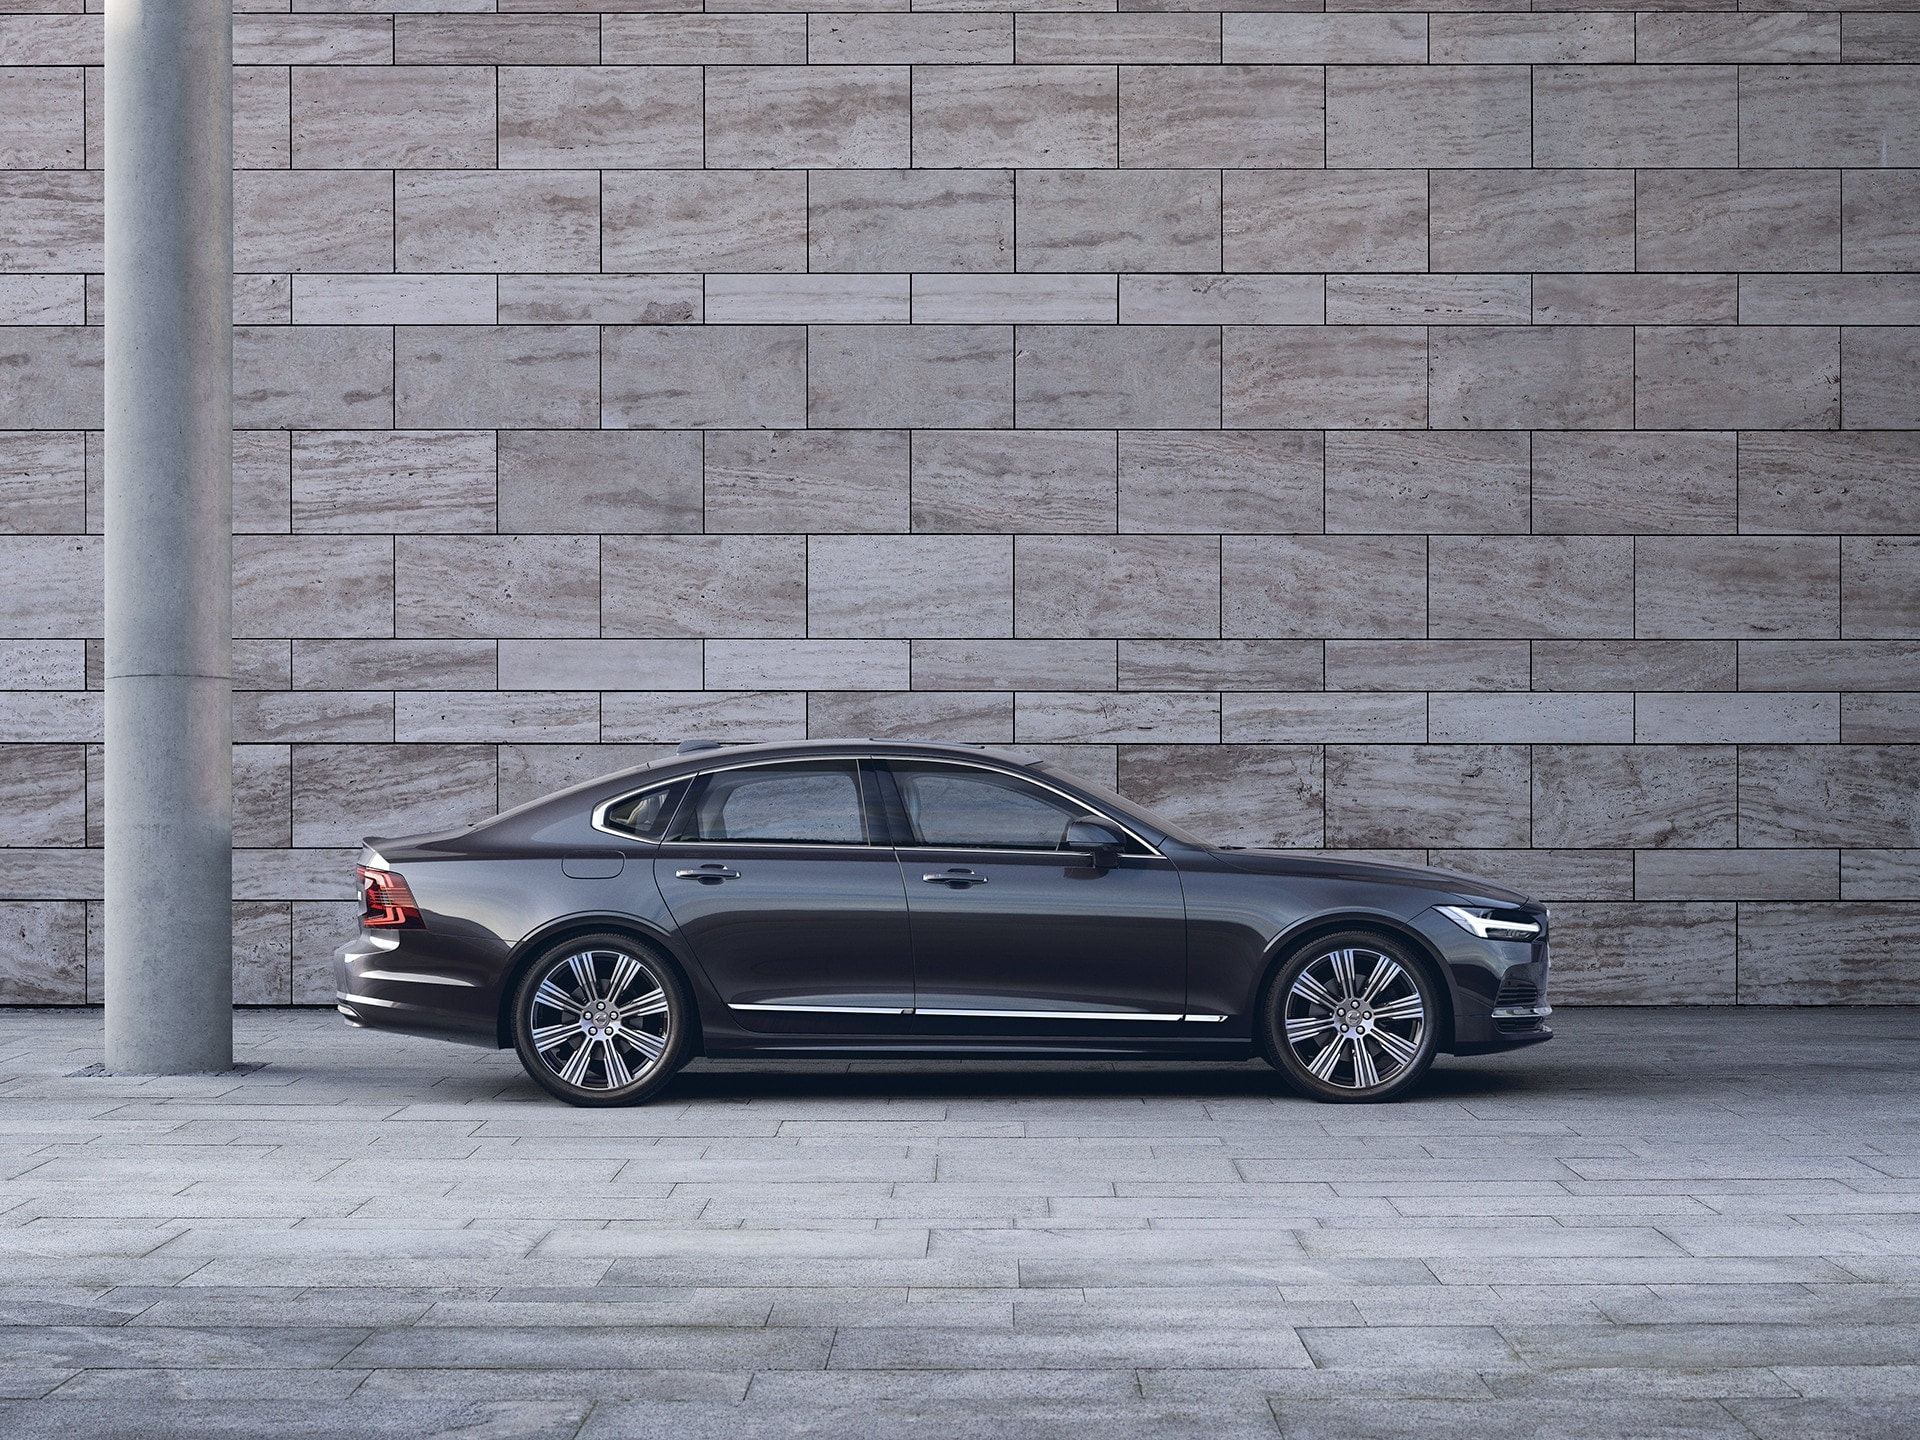 En mörk Volvo S90 parkerad framför en grå vägg